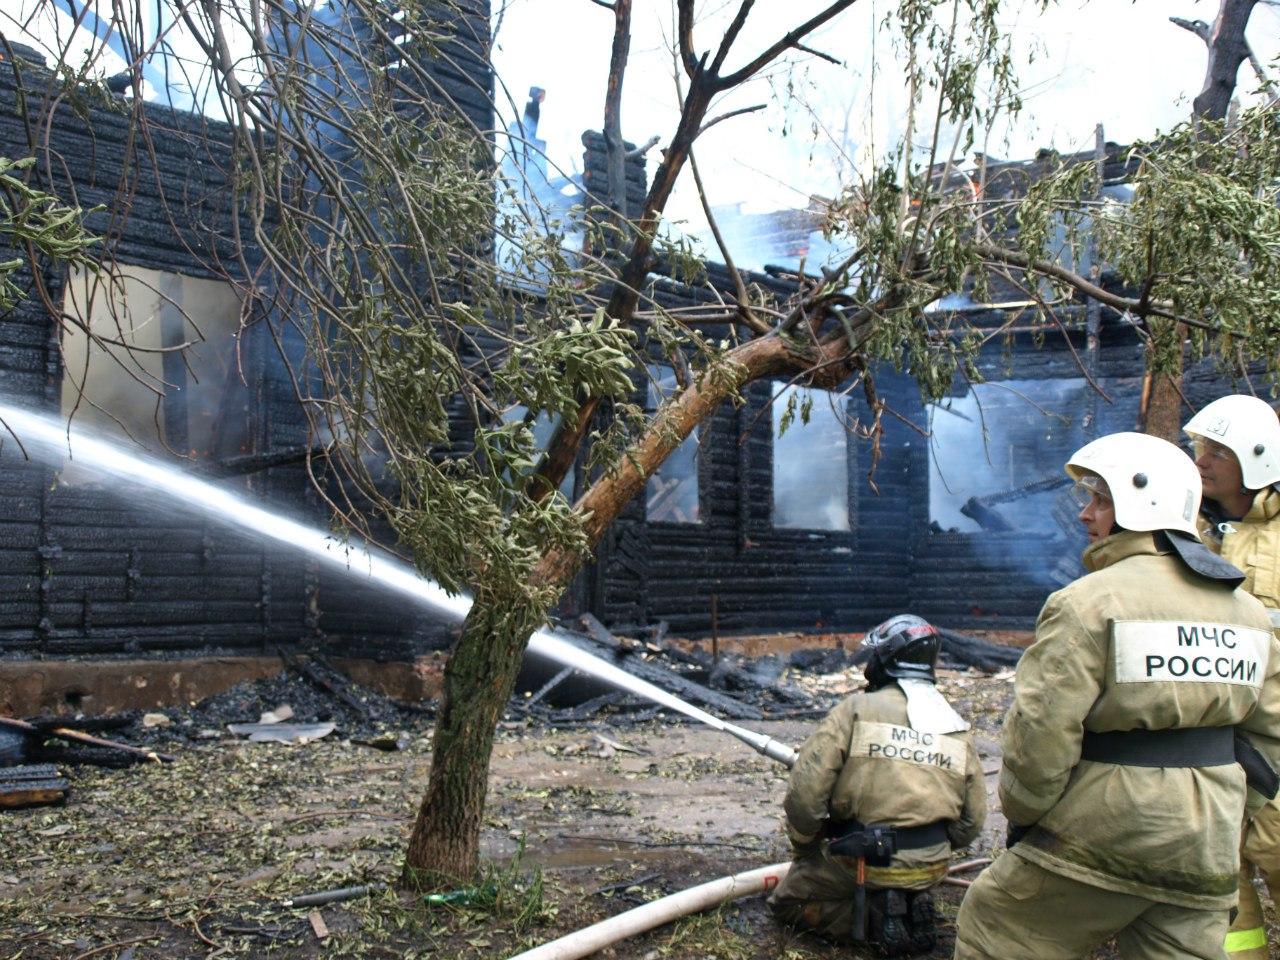 Предварительная причина пожара на Пригородной в Вологде - поджог